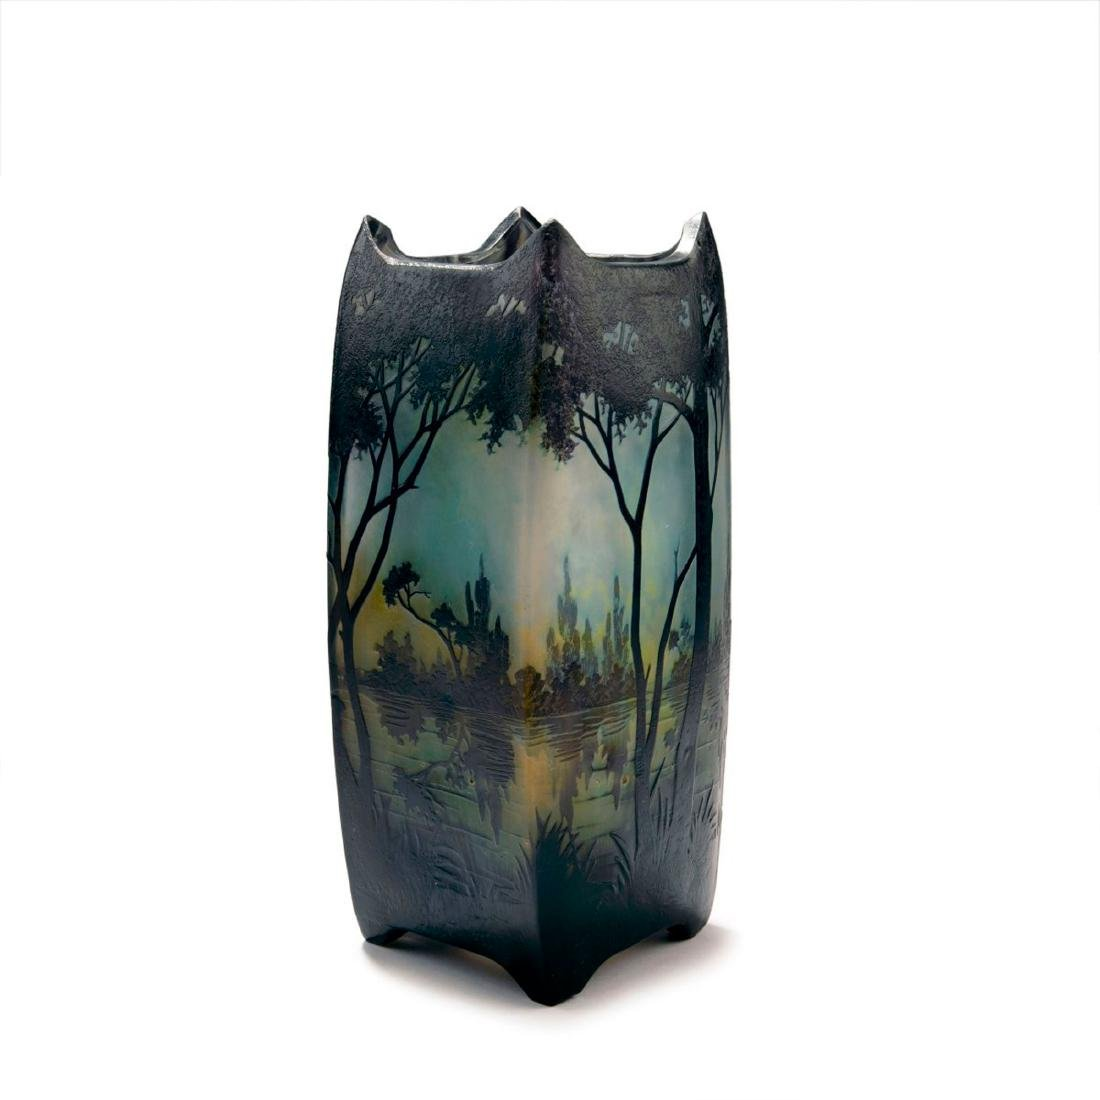 'Paysage lacustre' vase, 1905-10